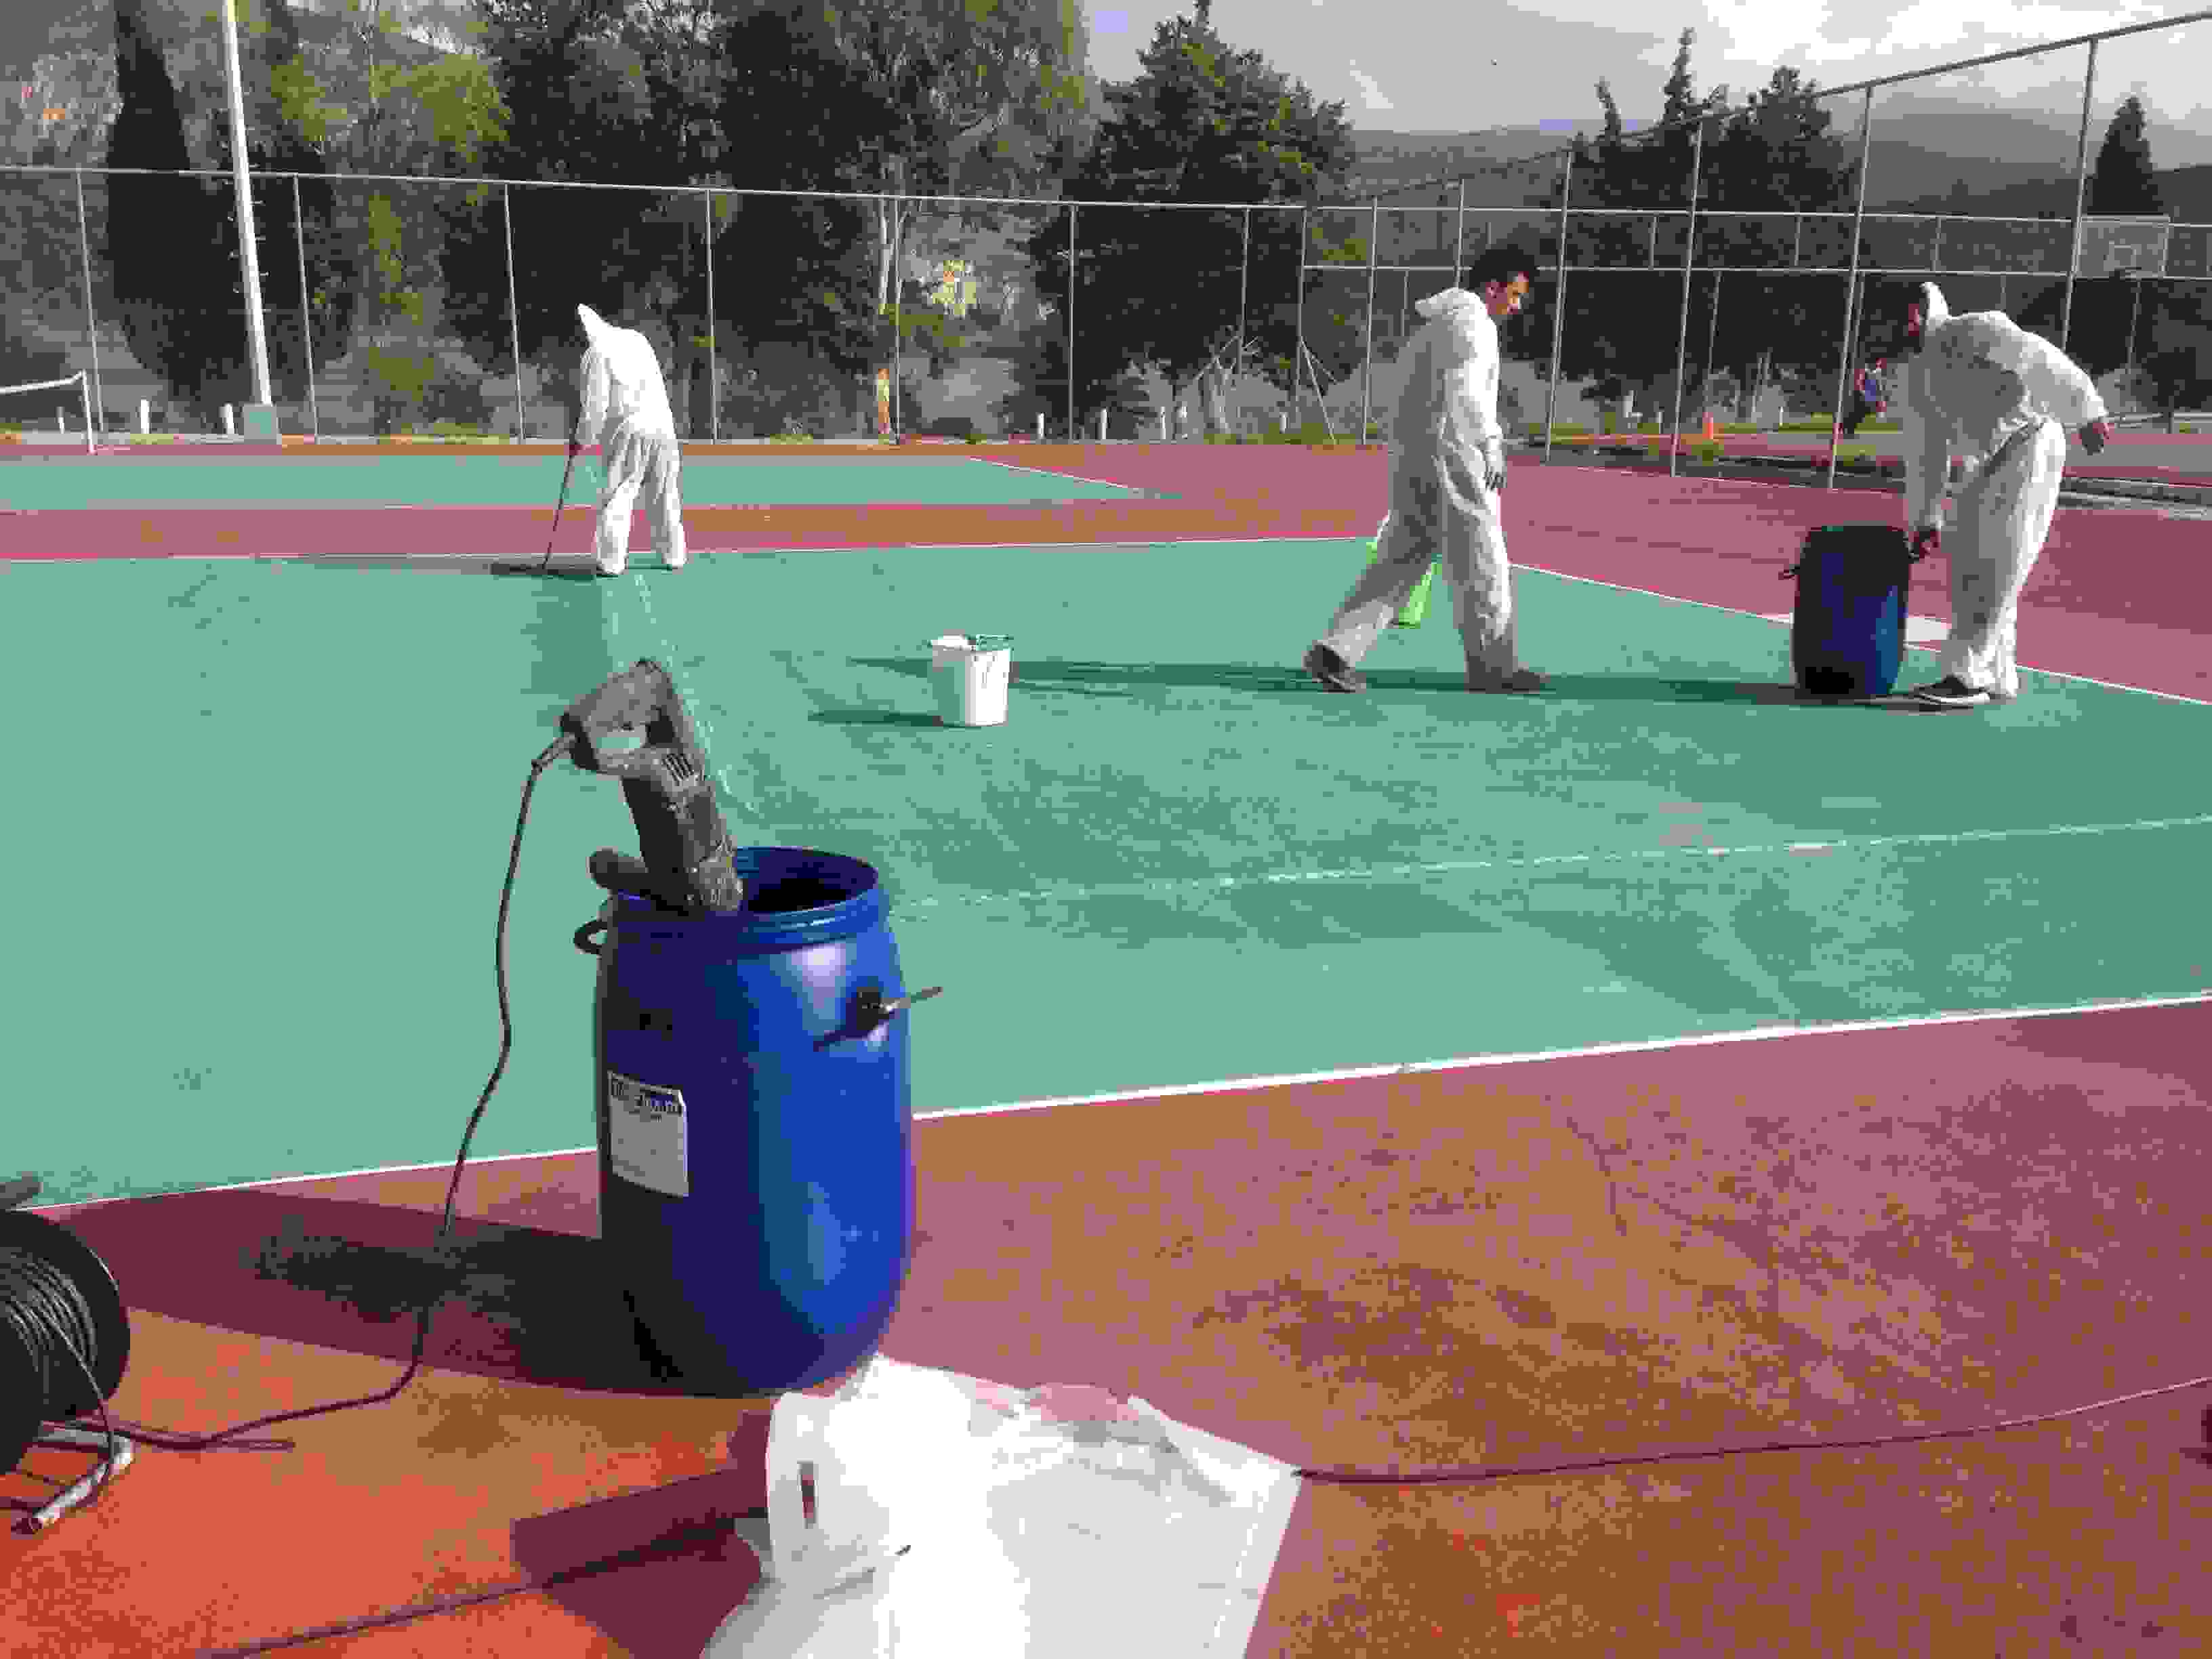 Η Κ.Ε.ΔΗ.ΚΕ συντηρεί και ανακατασκευάζει τις Αθλητικές εγκαταστάσεις.